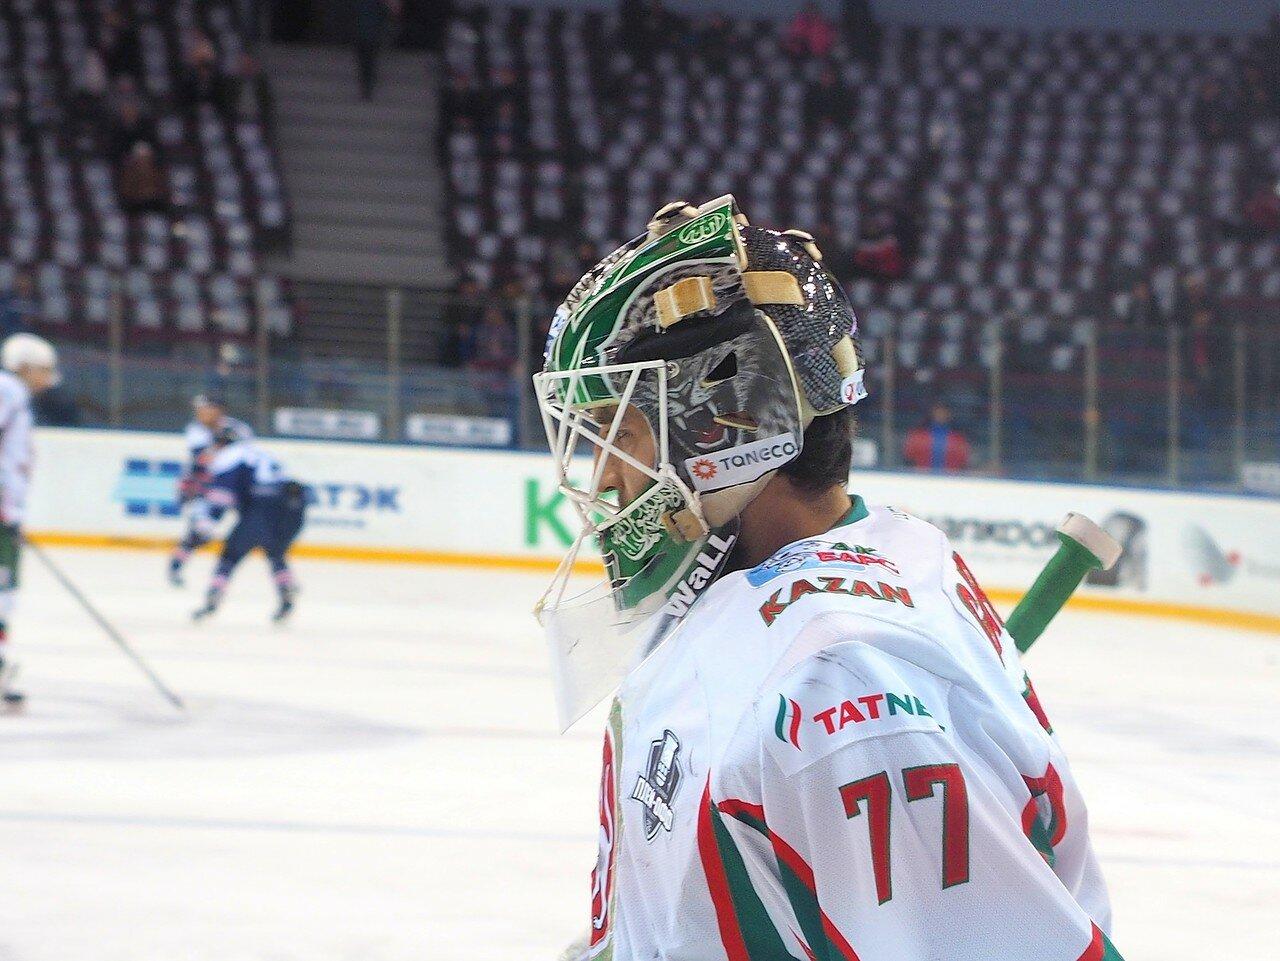 17 Первая игра финала плей-офф восточной конференции 2017 Металлург - АкБарс 24.03.2017